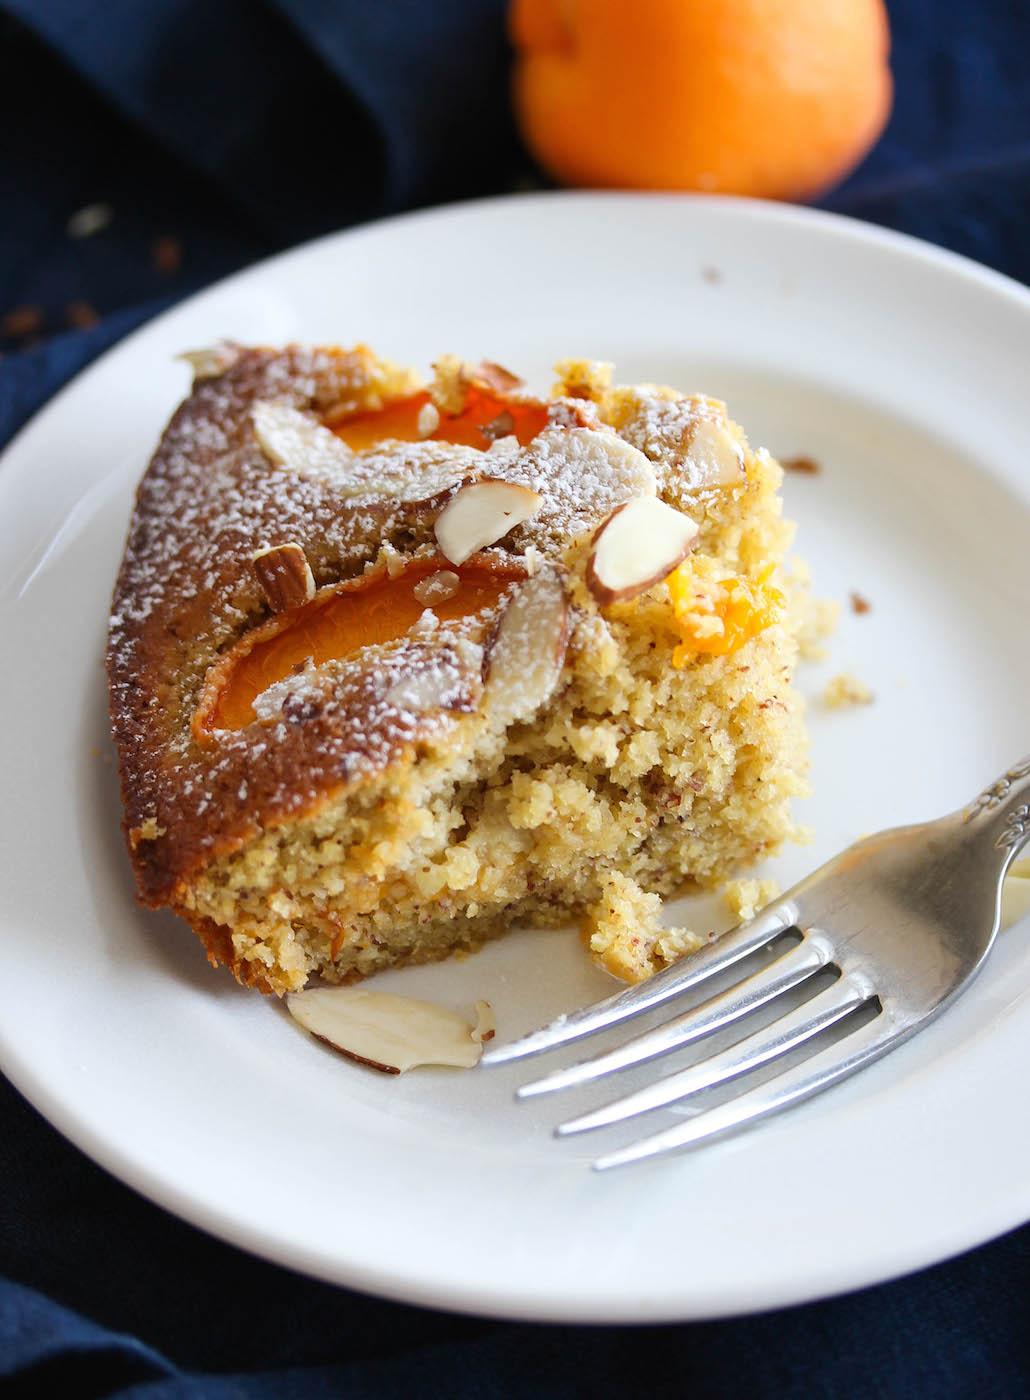 Apricot Almond Breakfast Cake (Gluten-Free)